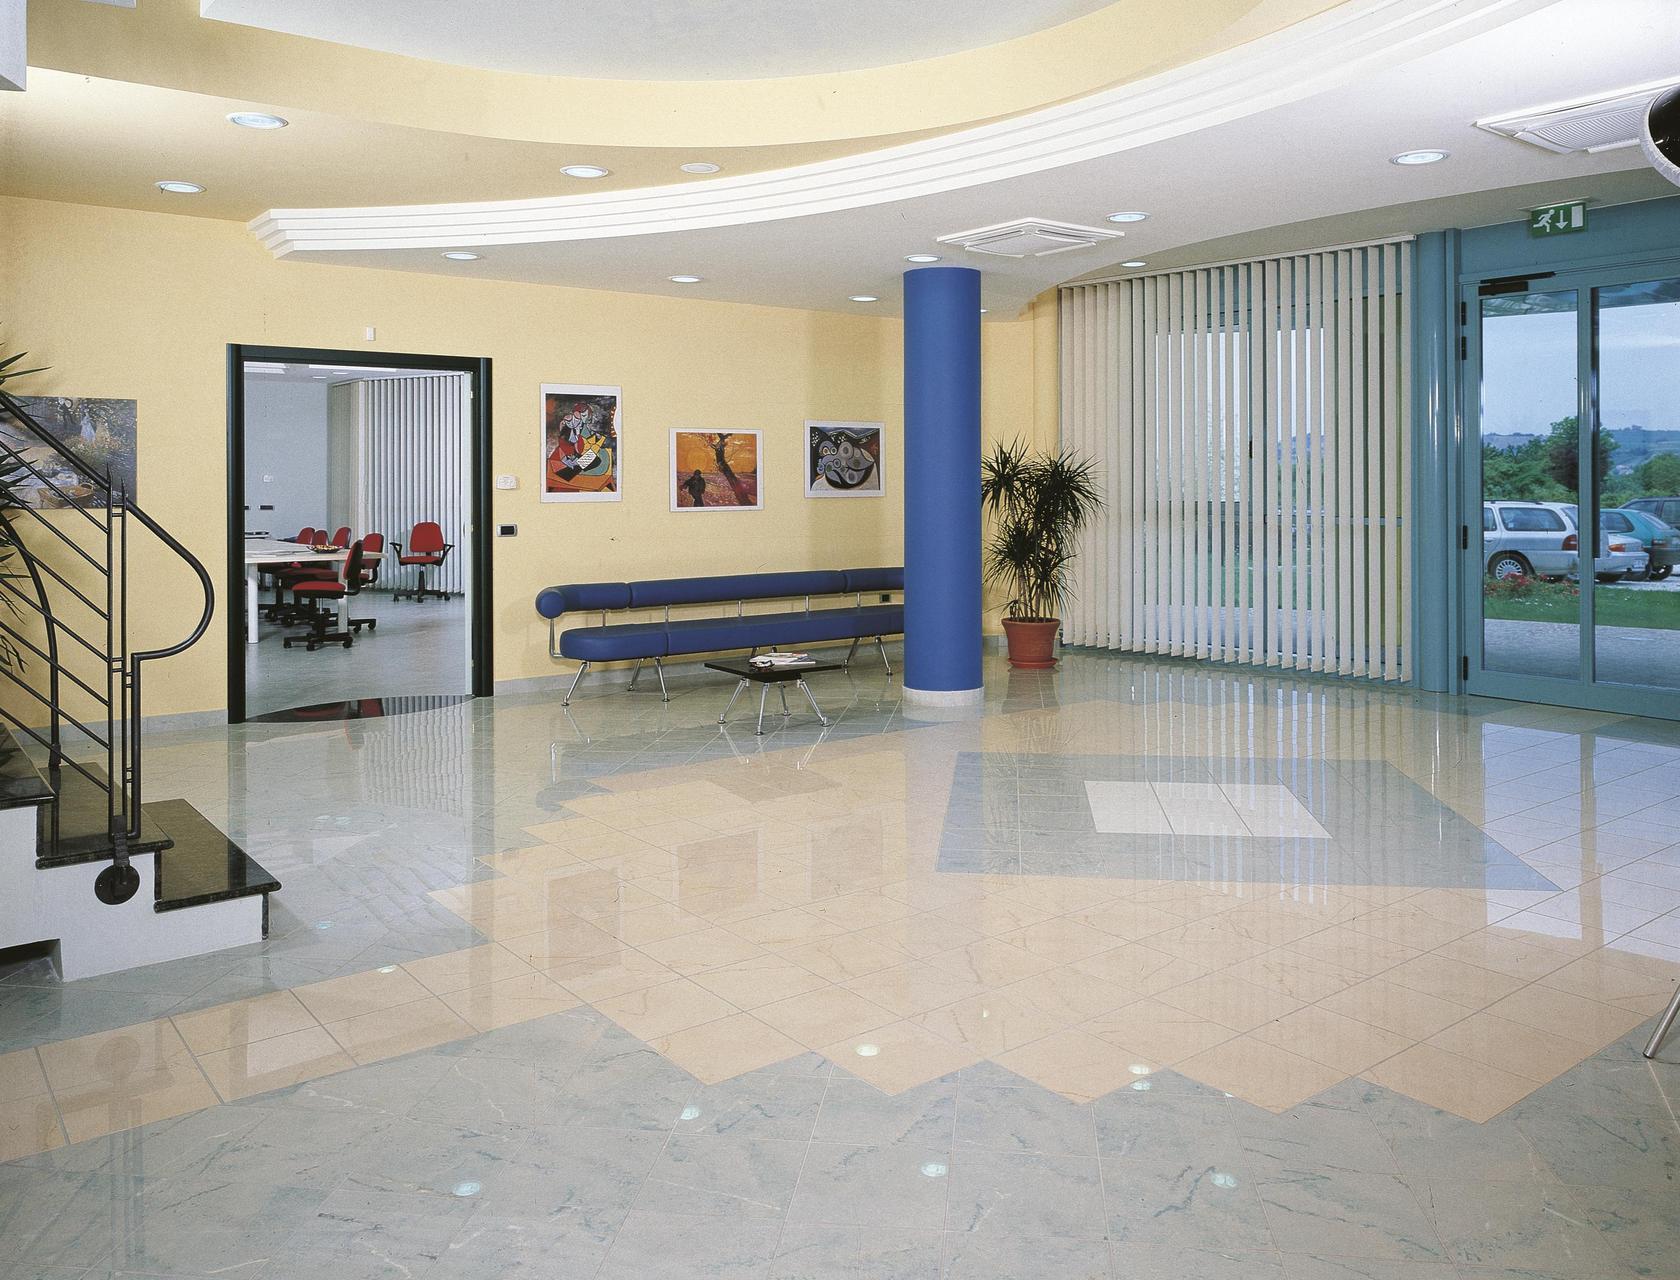 Pedini cucine headquarters negozi e showroom ariostea for Negozi cucine milano